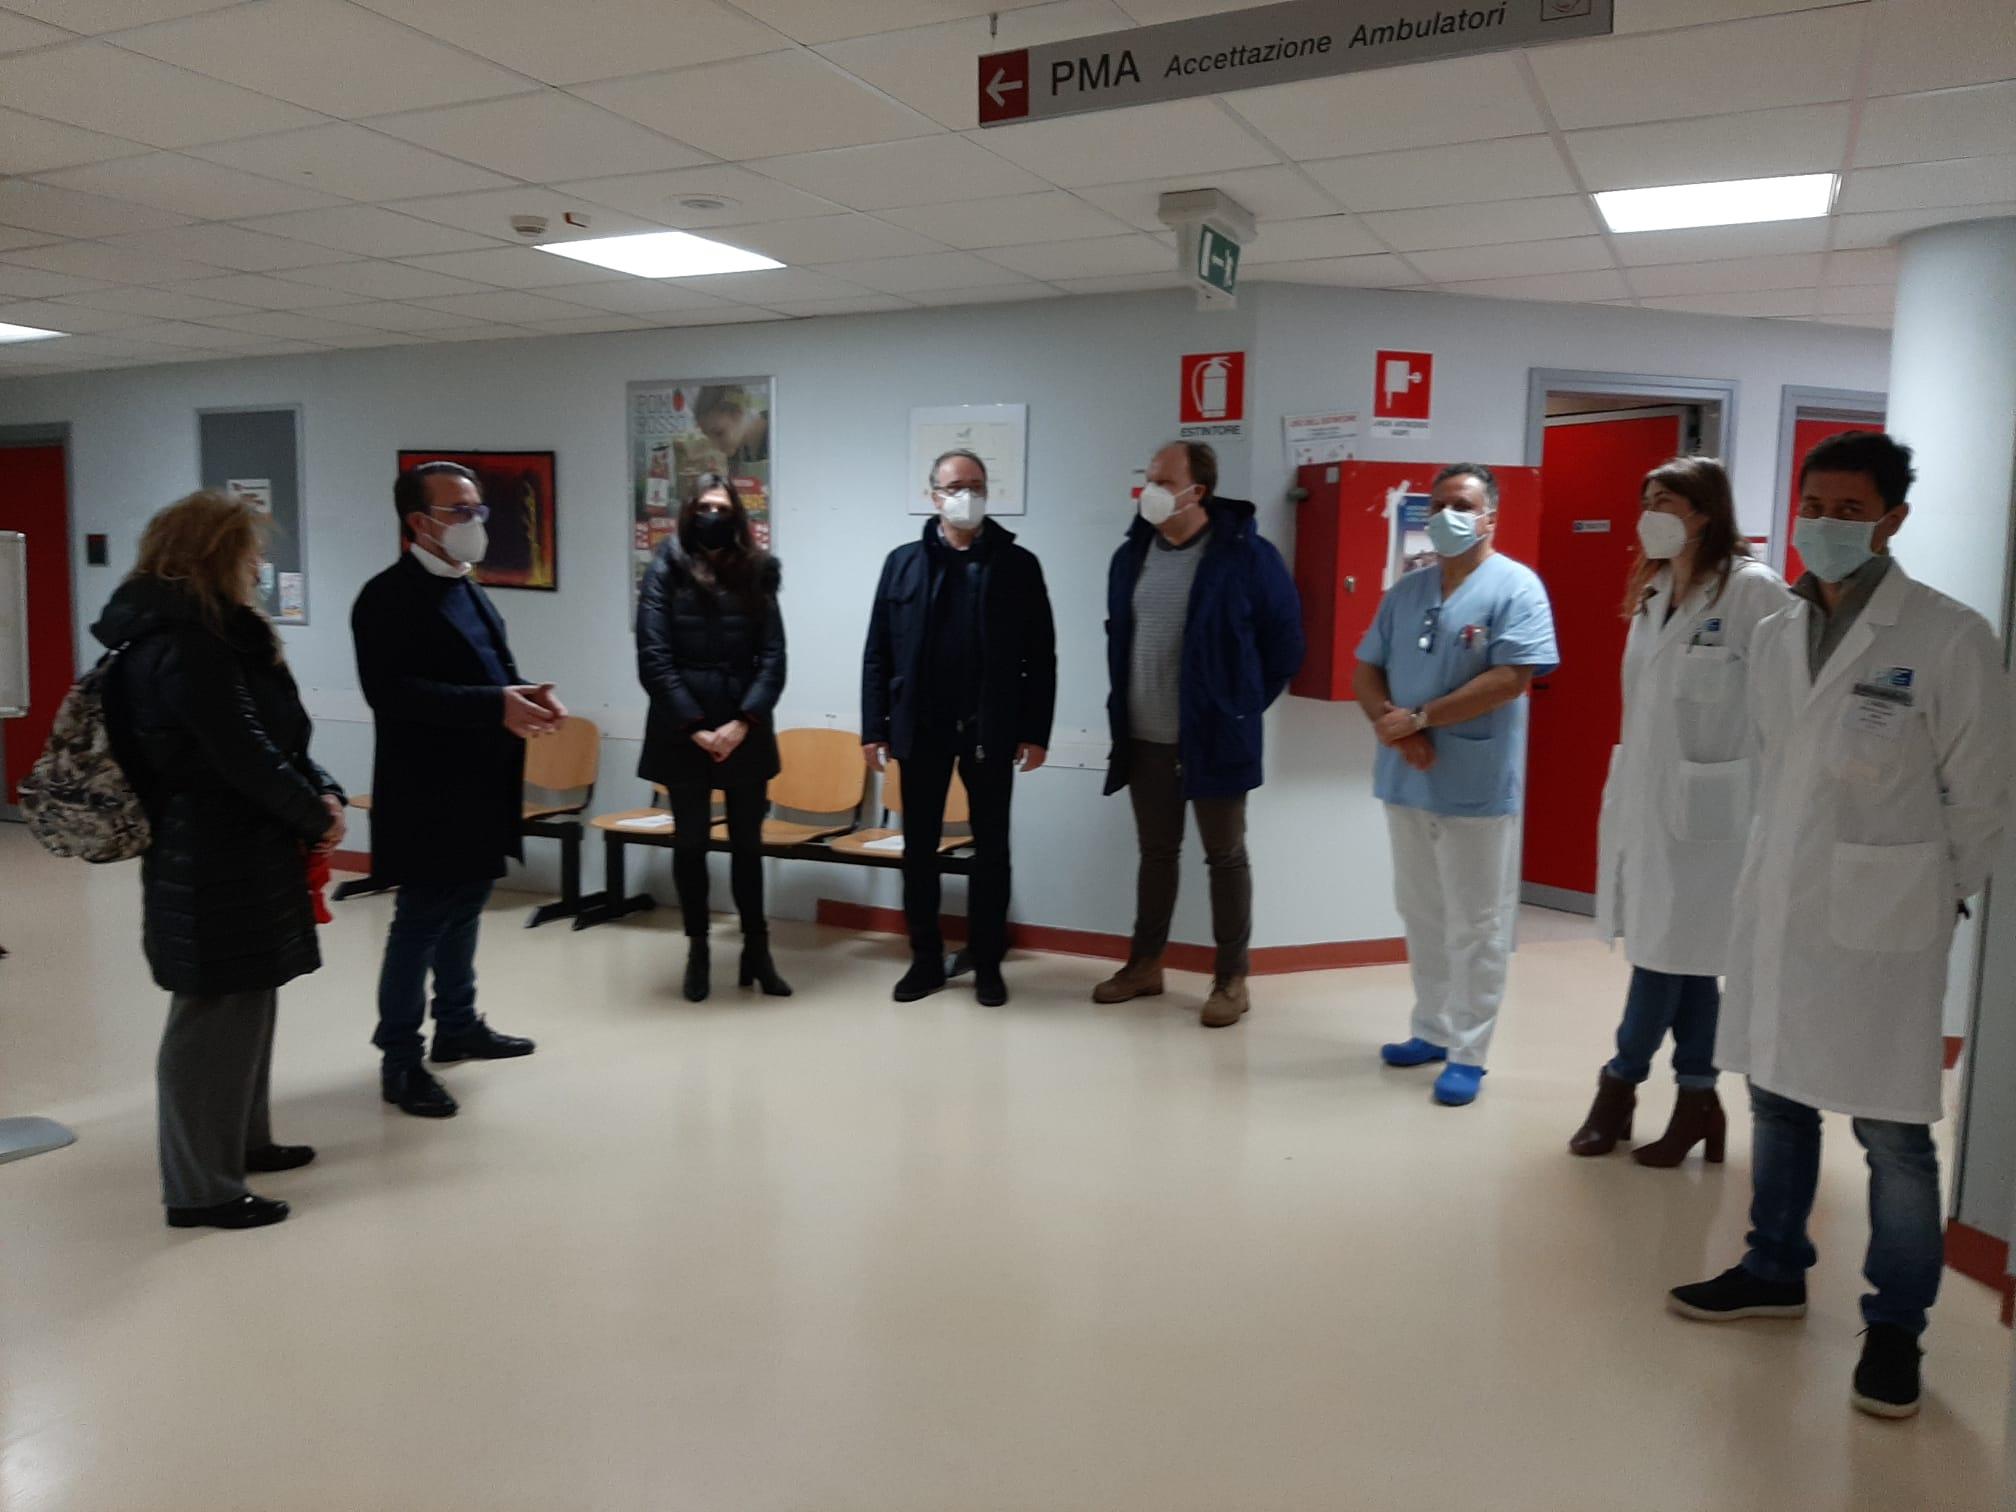 Ospedale Fratta, il sindaco fa gli auguri e ringrazia gli operatori. Ribadite le richieste ad Asl e Regione